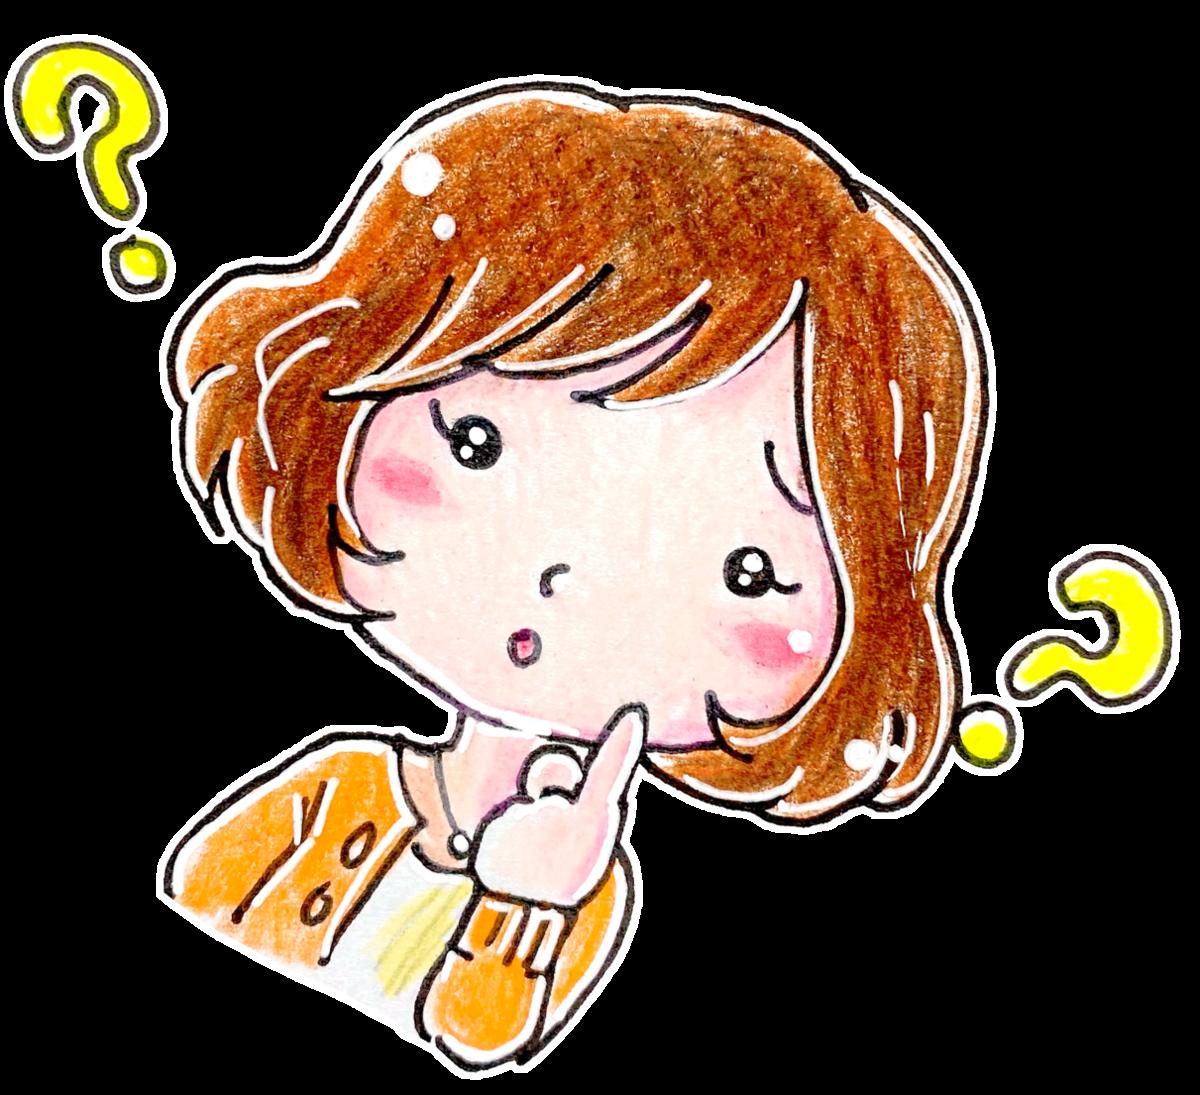 f:id:shihopontan:20210513180845p:plain